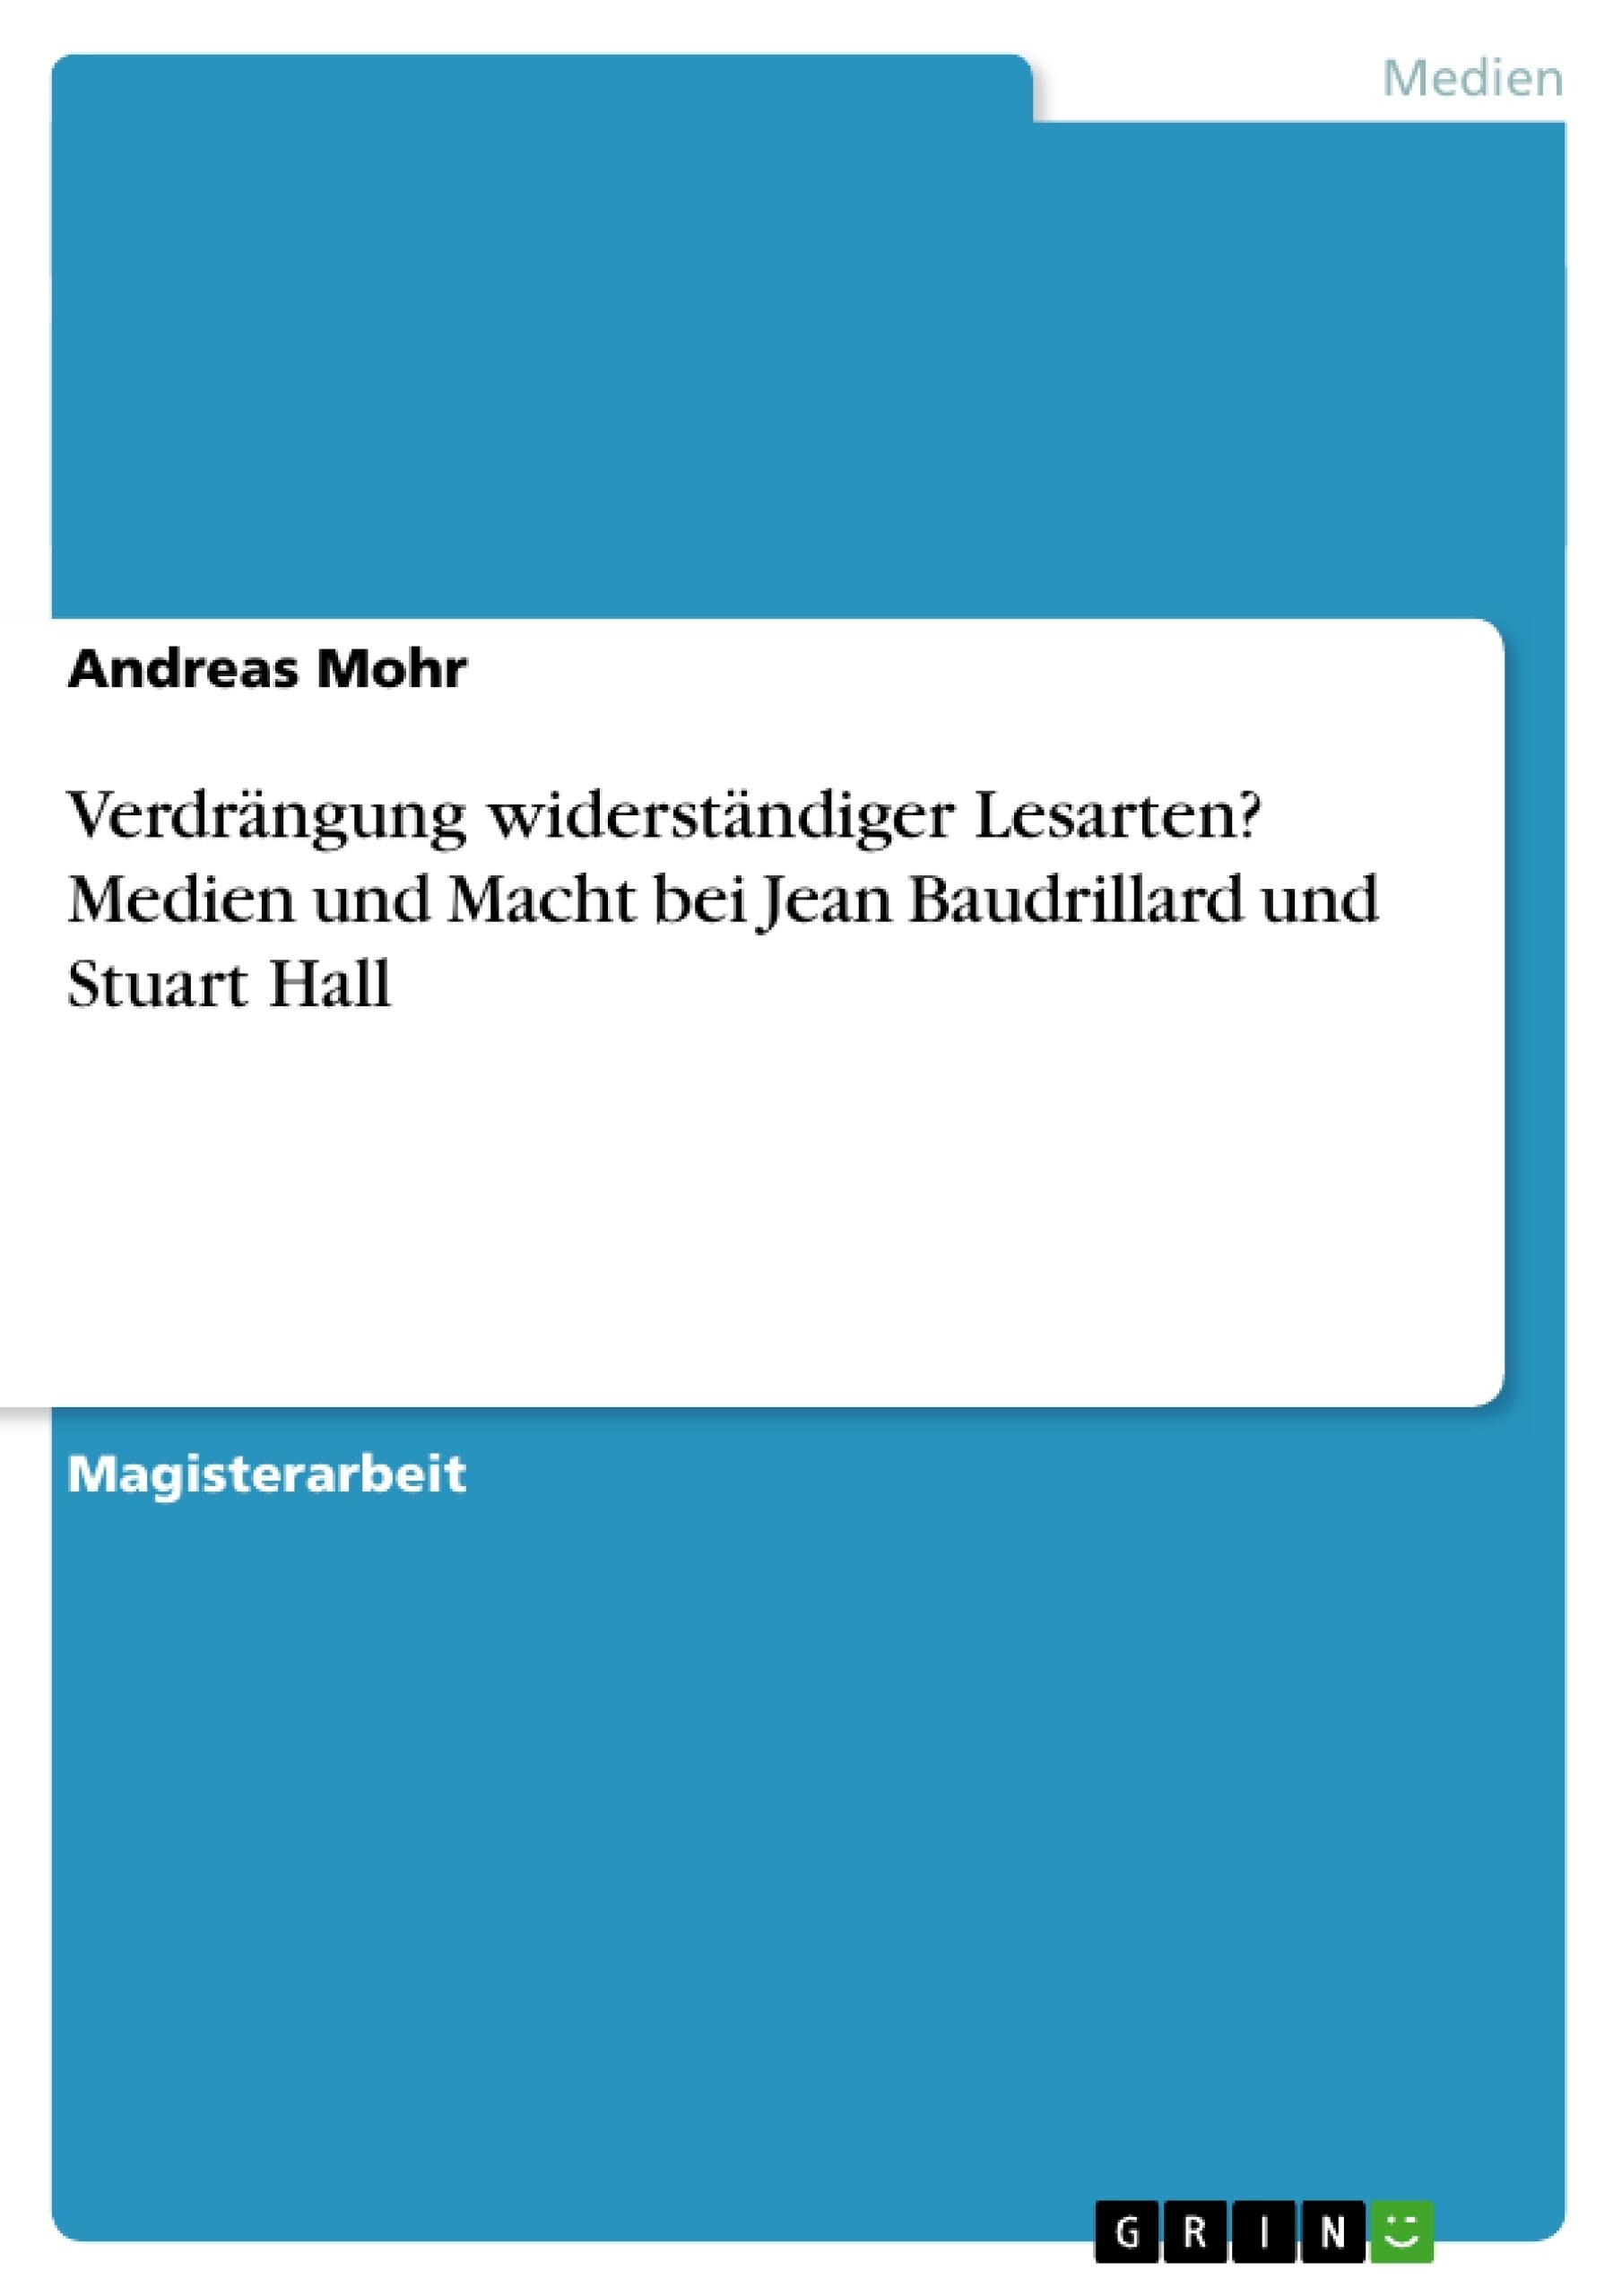 Titel: Verdrängung widerständiger Lesarten?  Medien und Macht bei Jean Baudrillard  und Stuart Hall